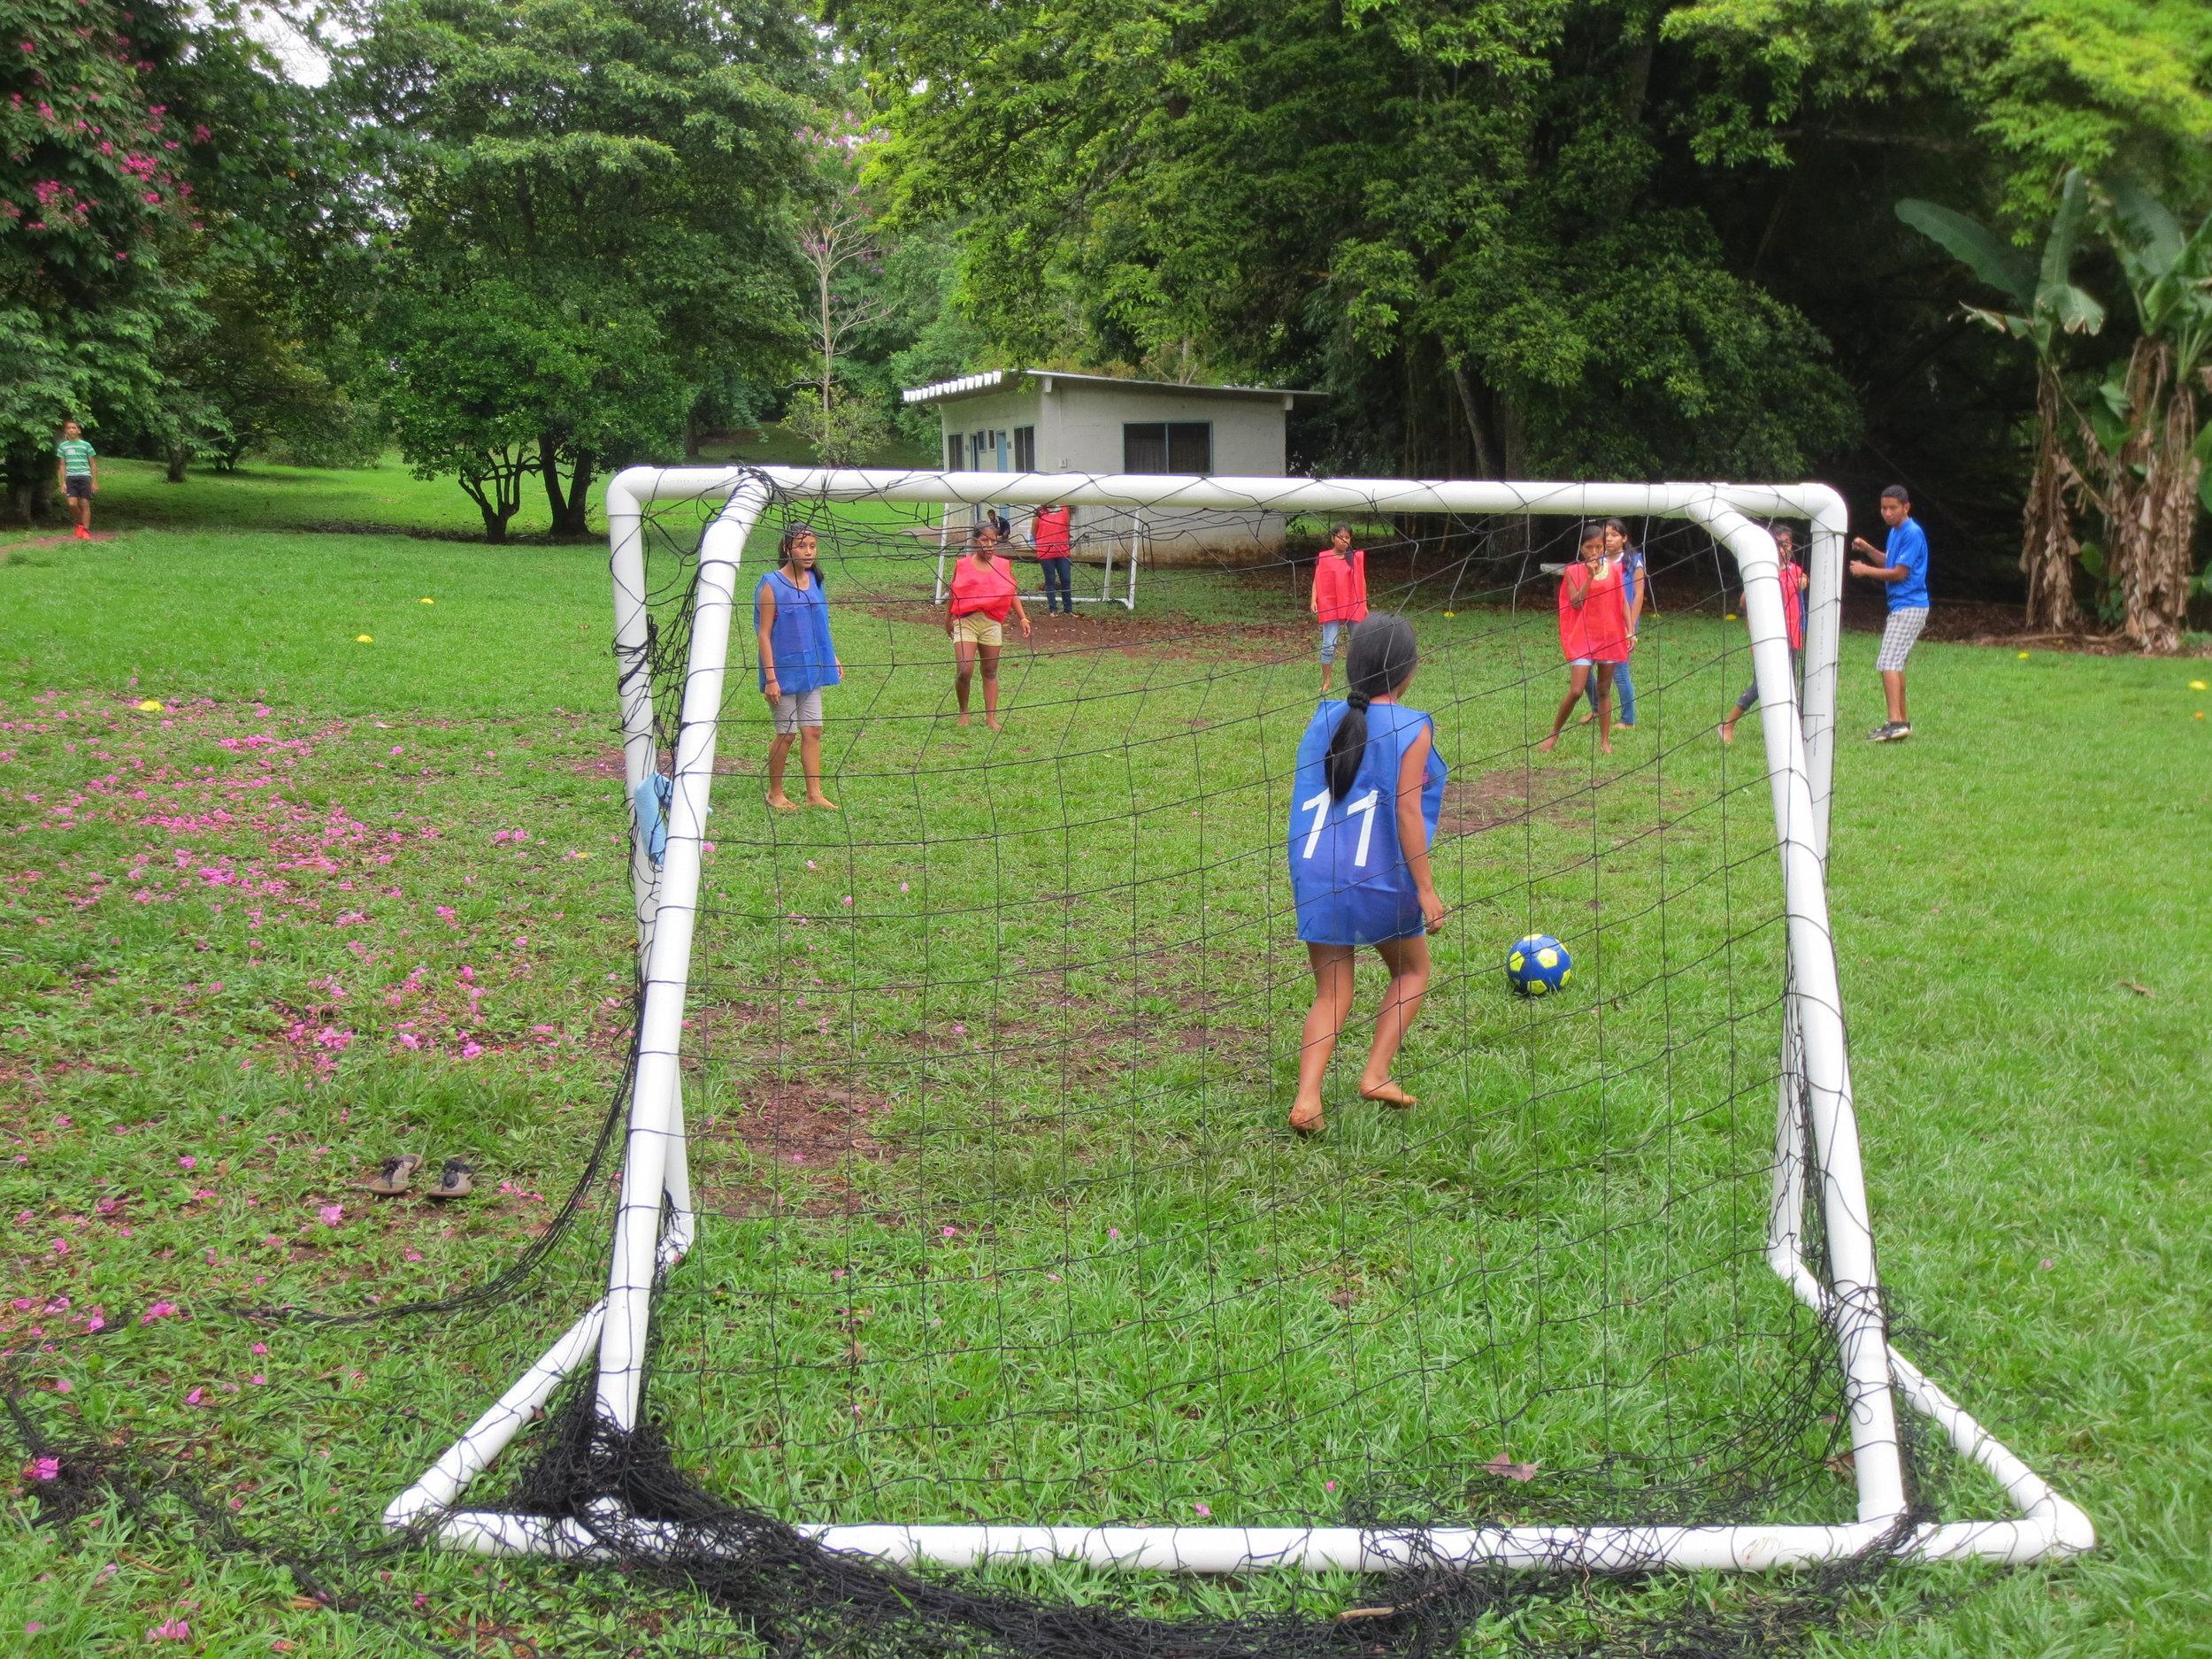 Girl's soccer event